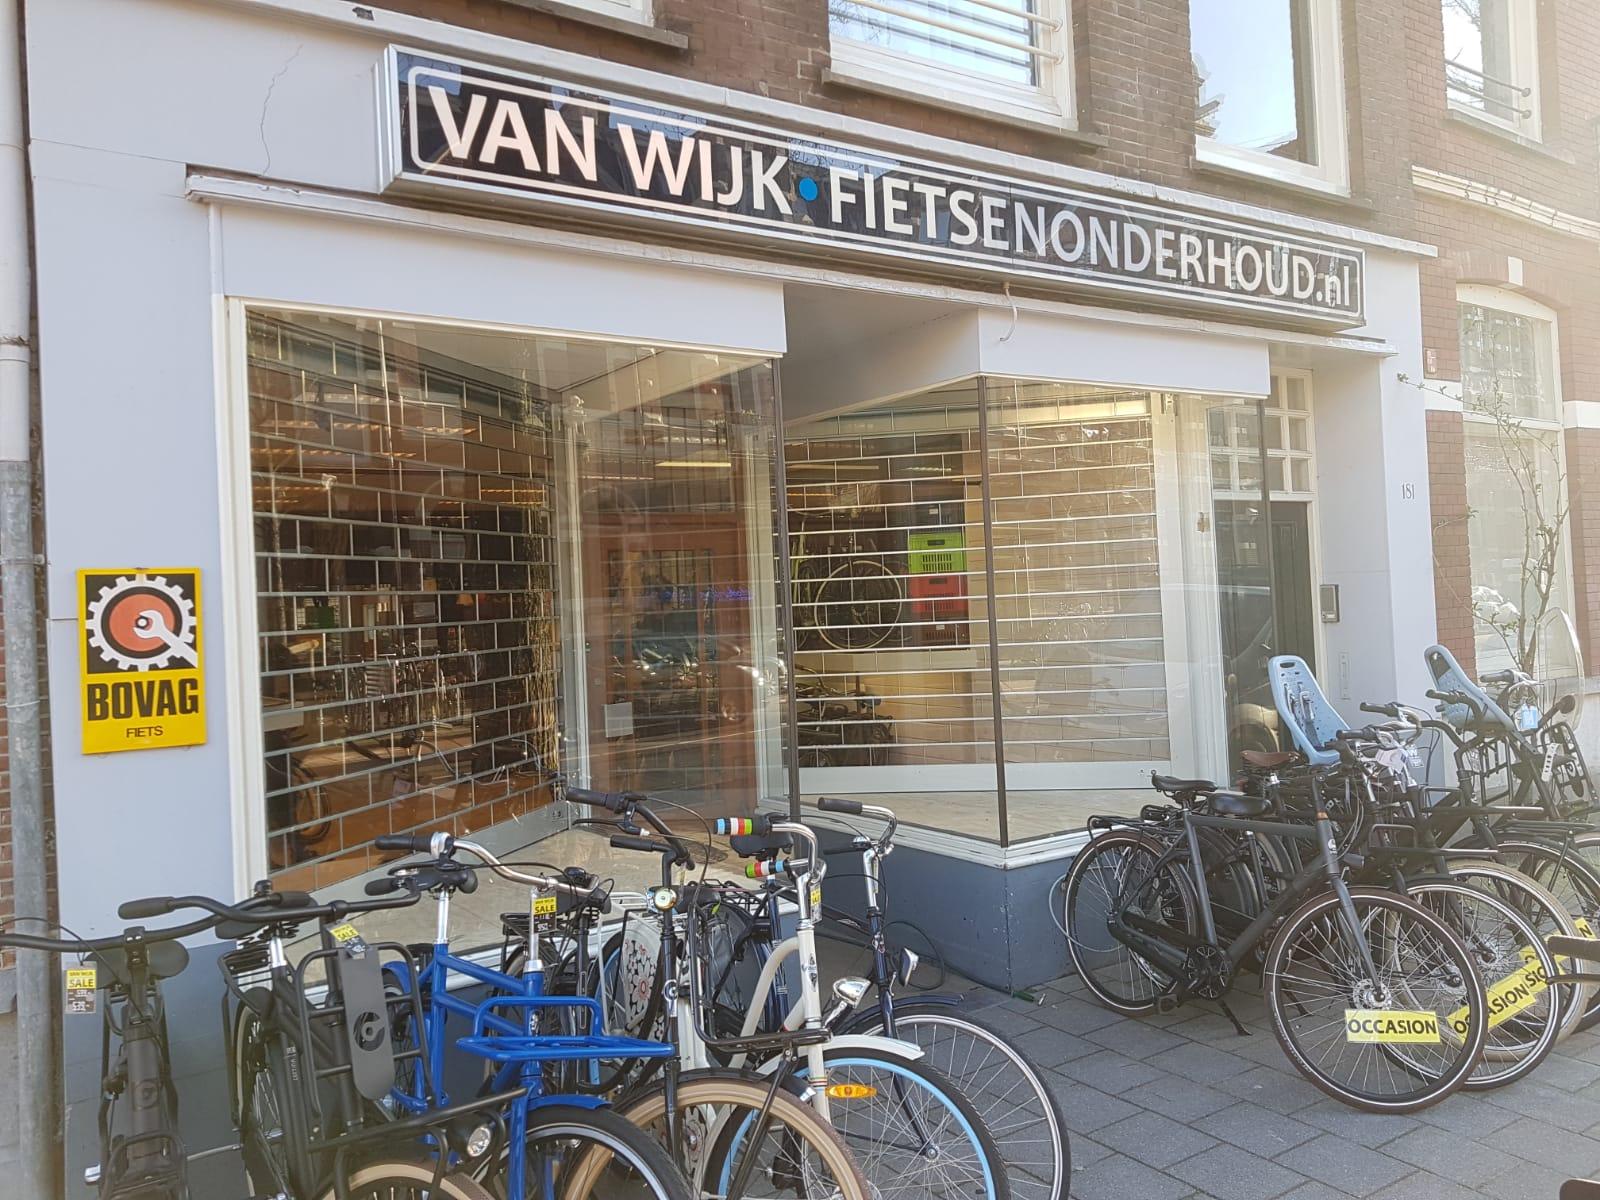 van Wijk fietswinkel